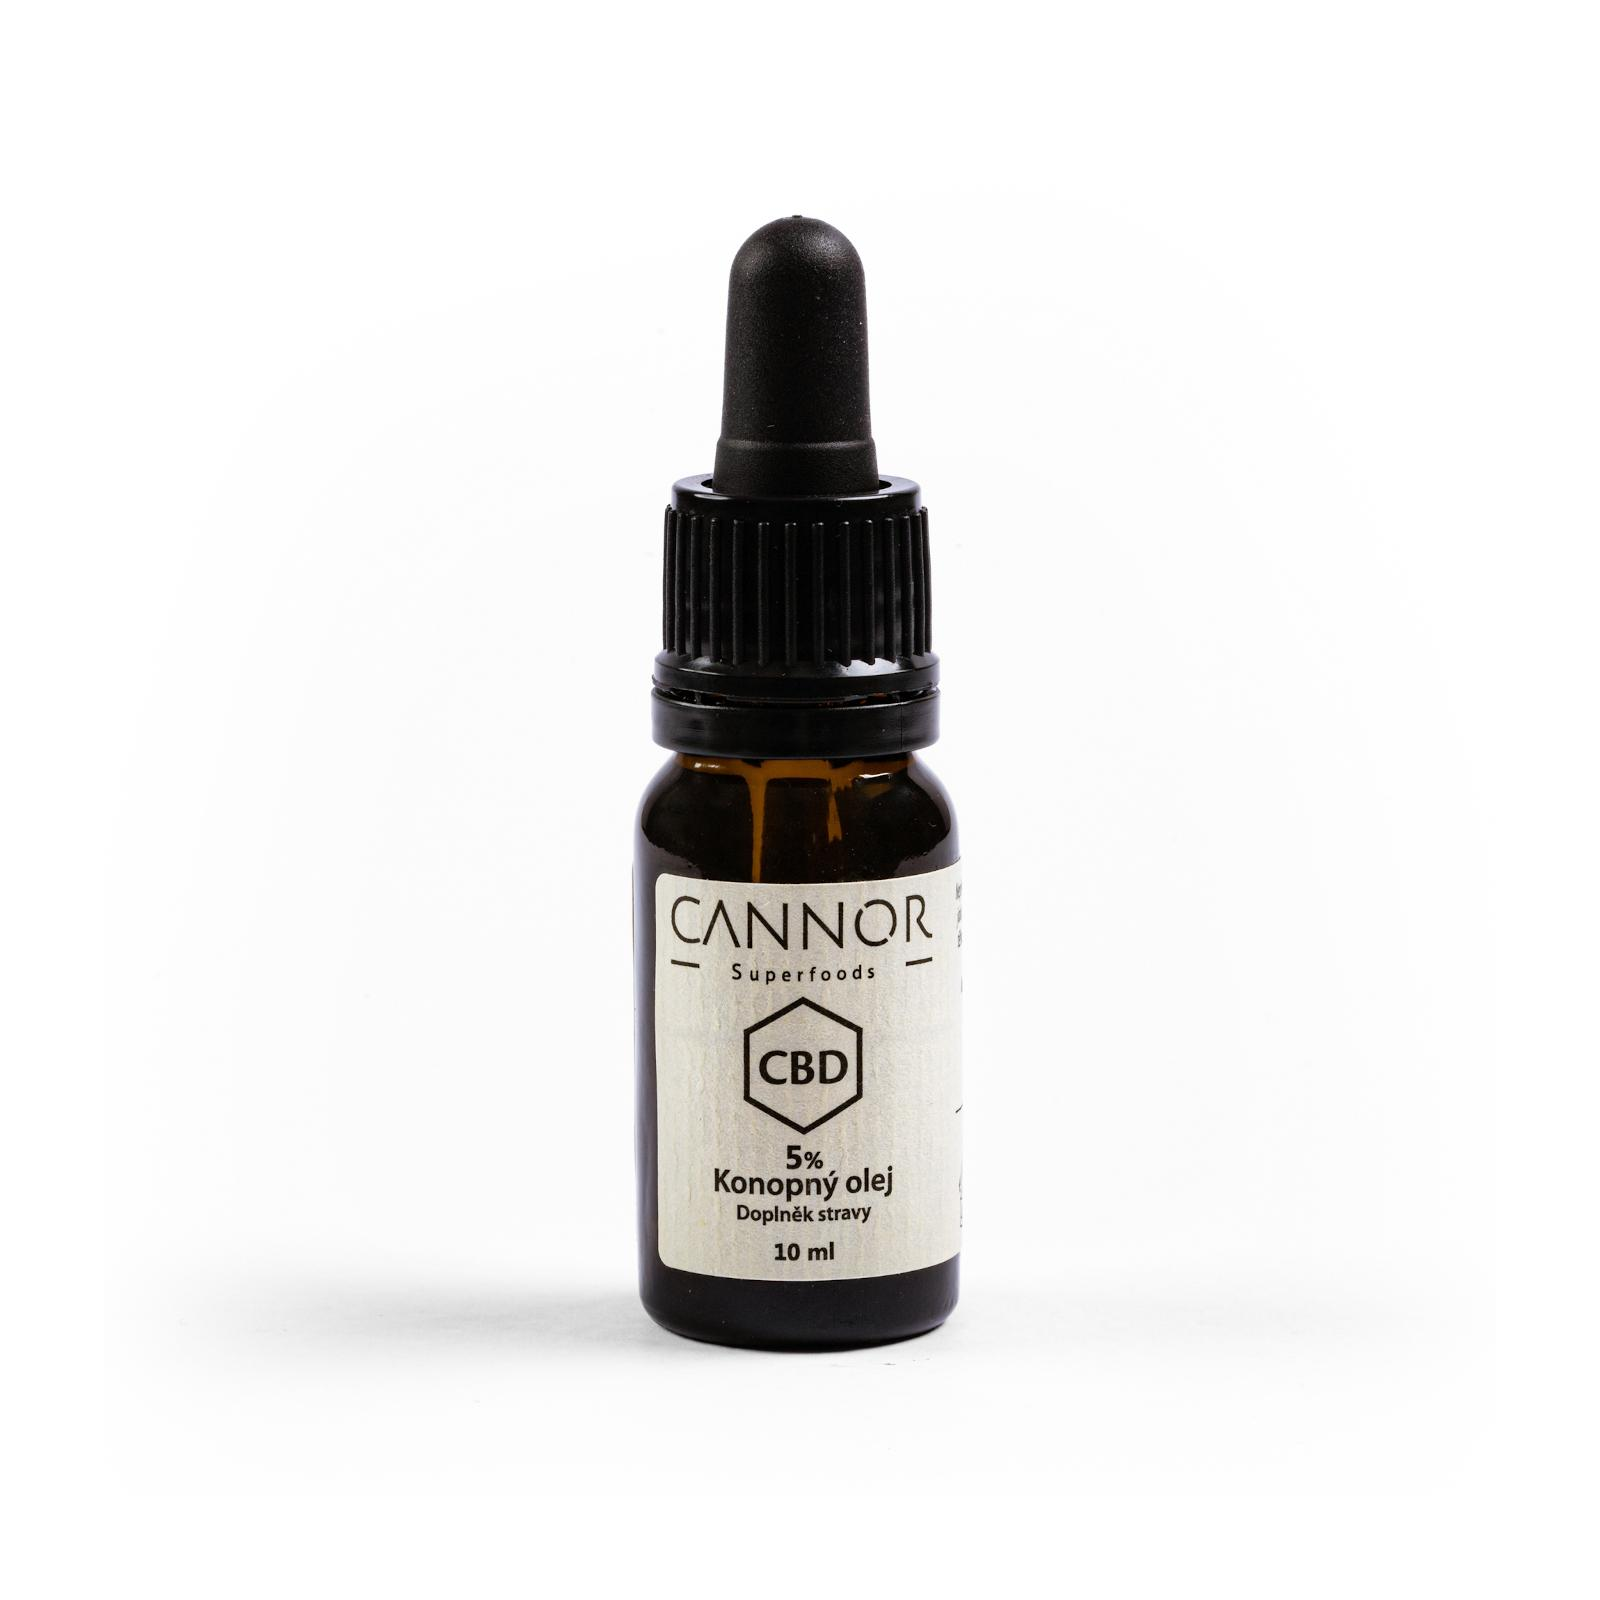 CANNOR CBD Konopný olej 5% 10 ml